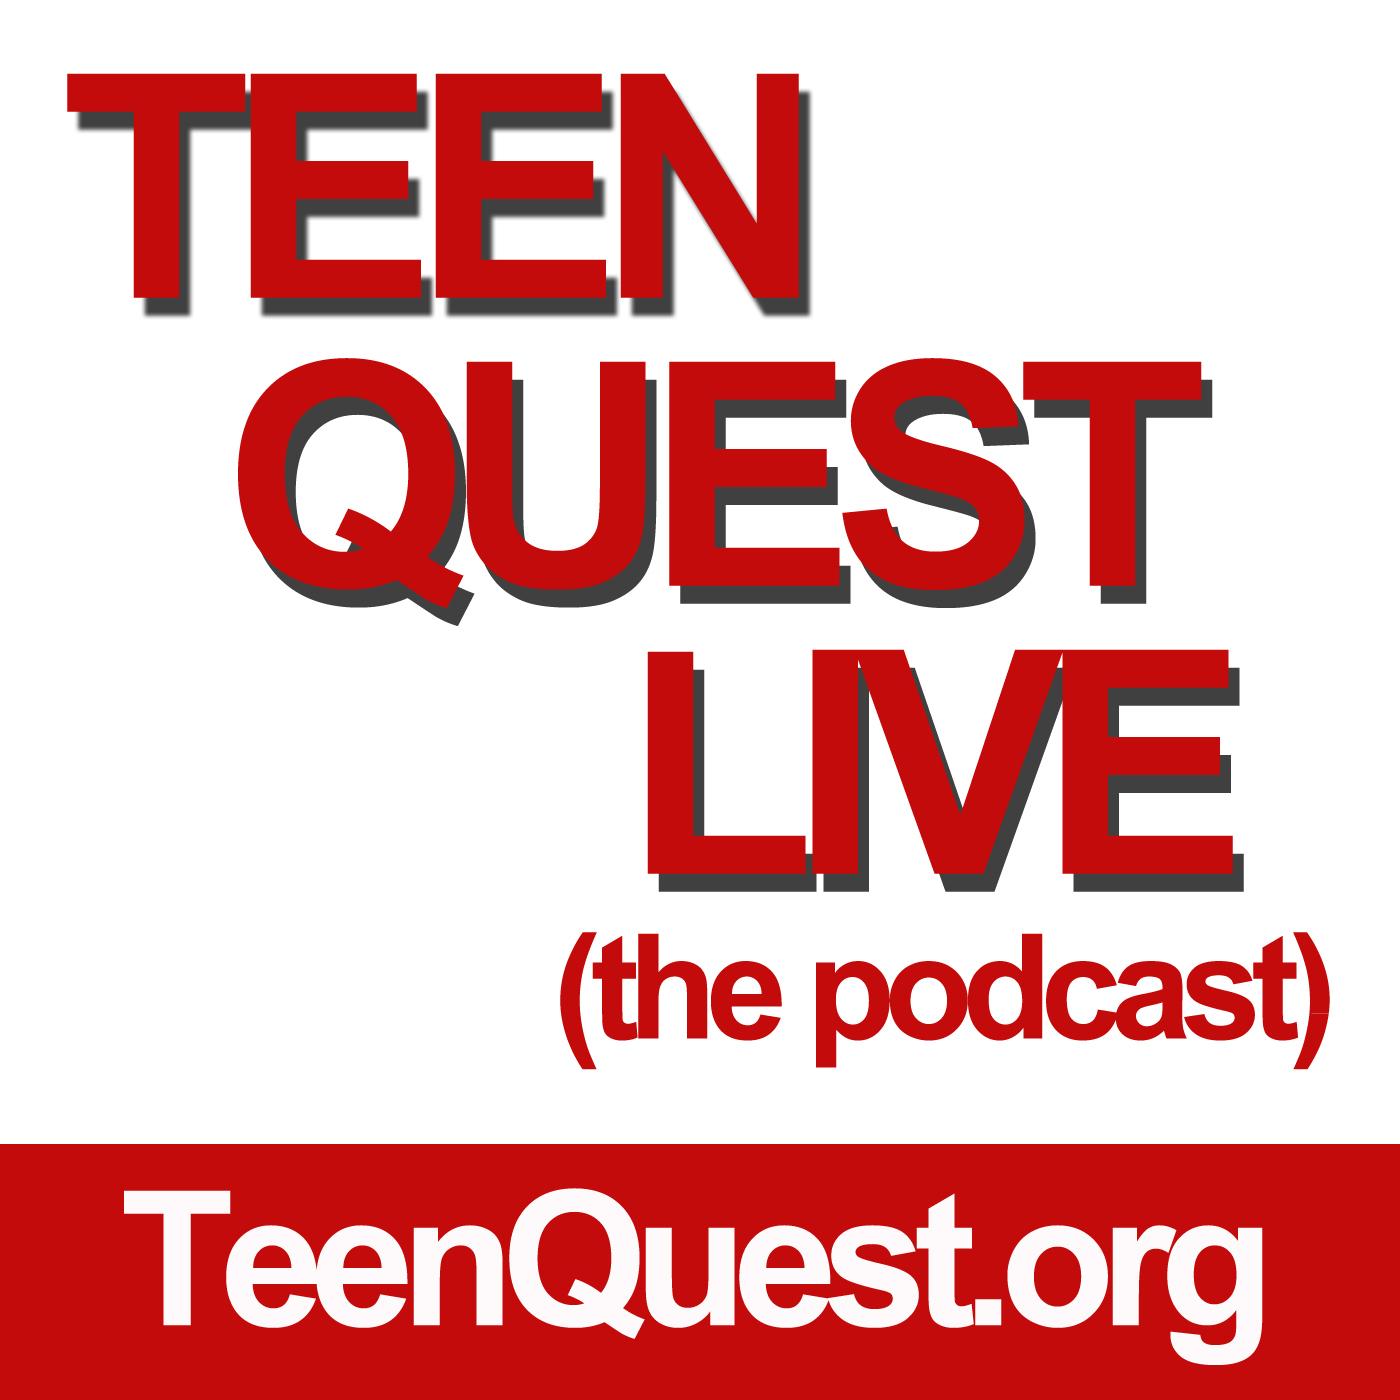 Teen podcast Teen Dativ